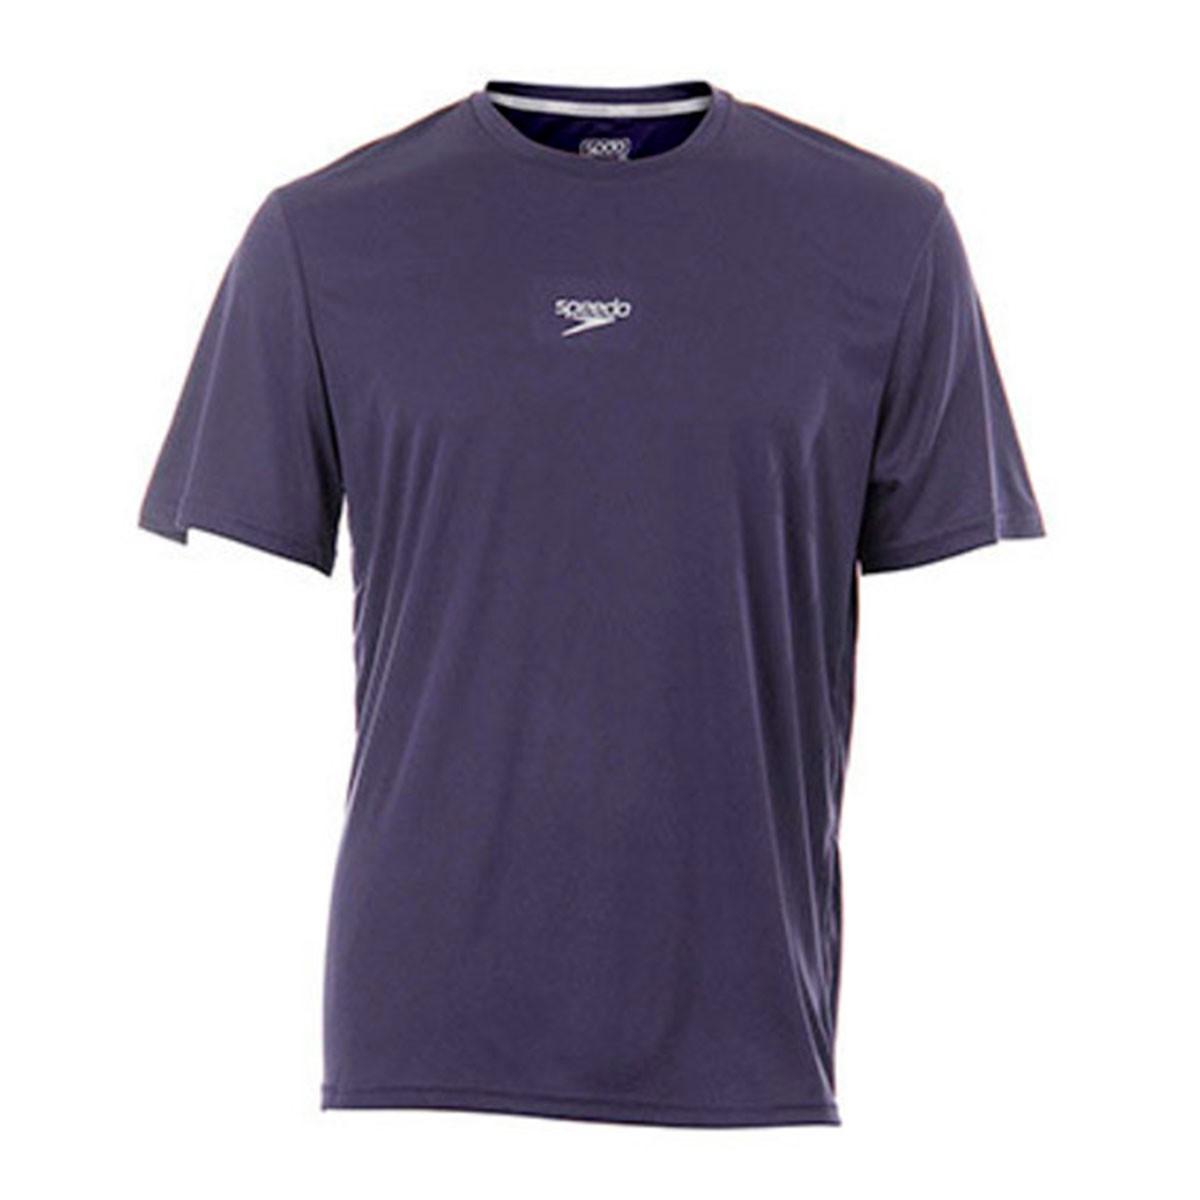 Camiseta Speedo Basic Interlock UV 50 Masculino Azul